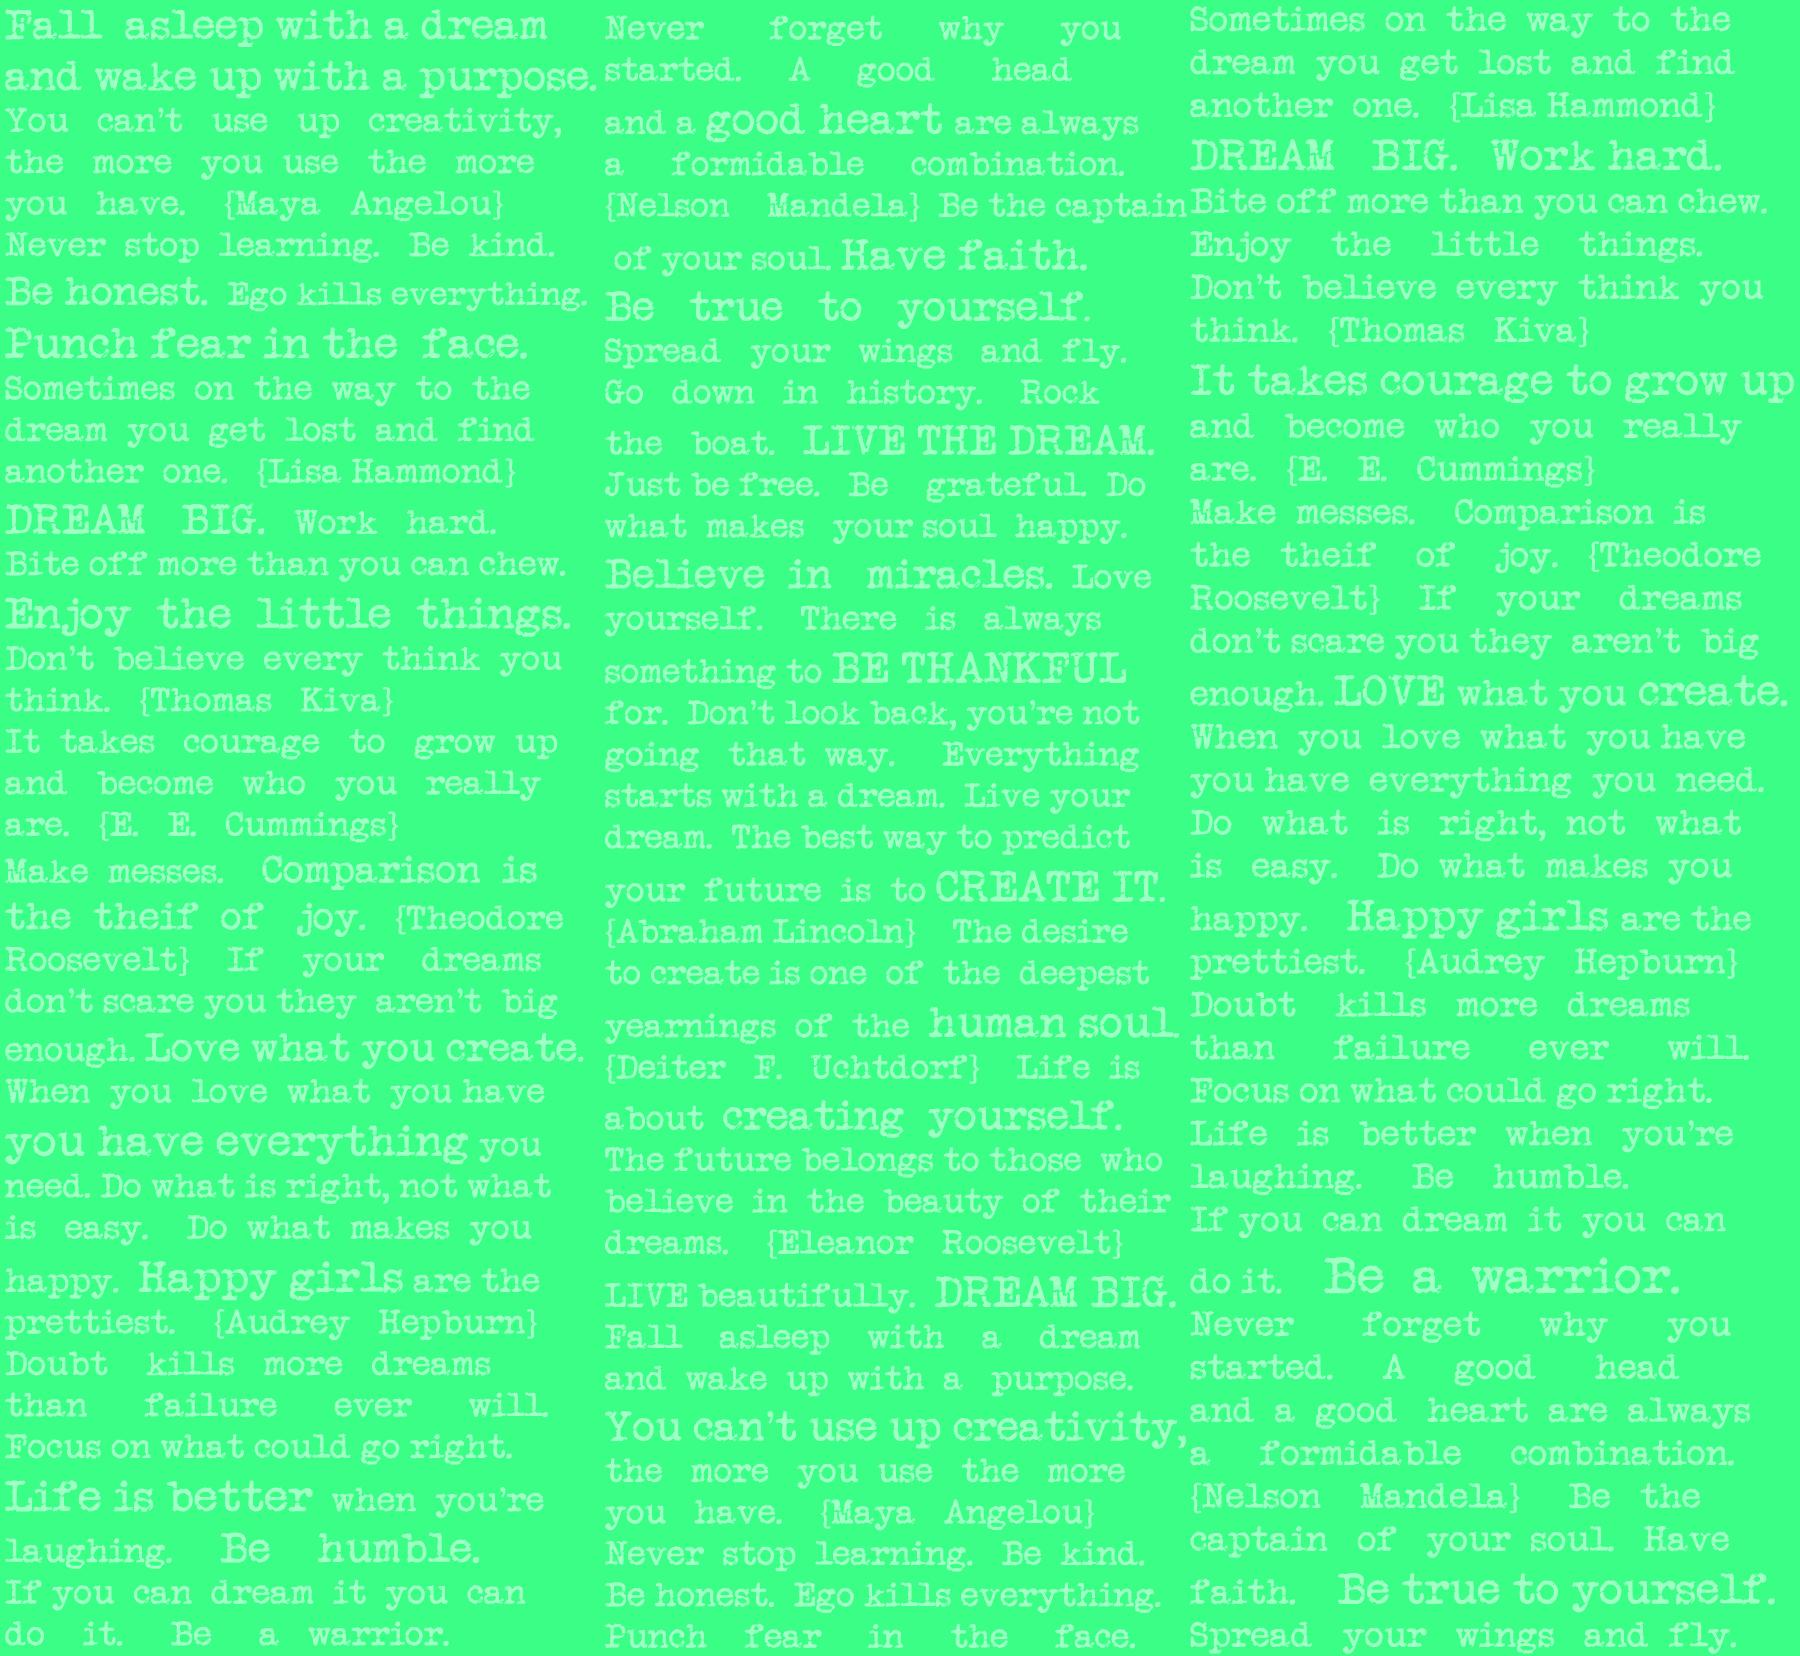 C4224_Teal_CottageNewsprint.jpg